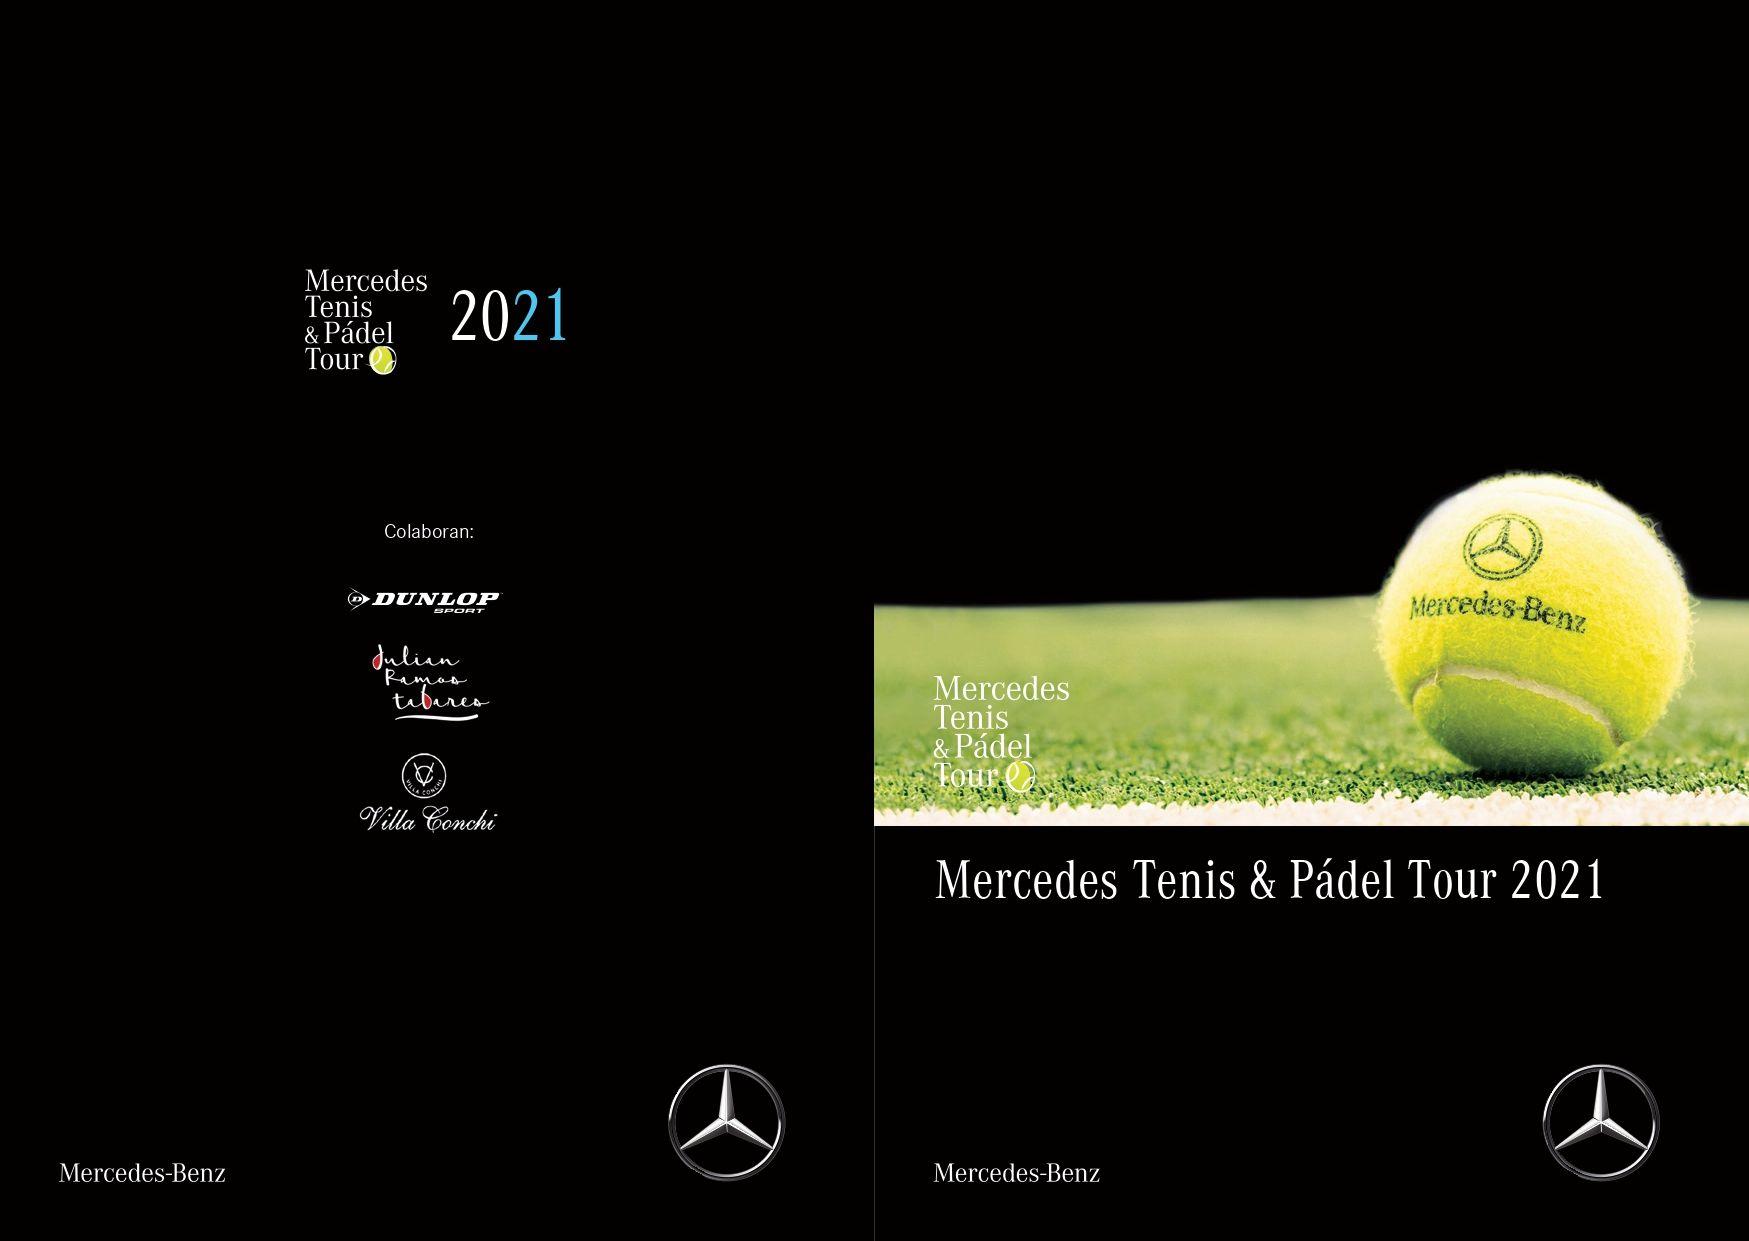 Reglamento Tenis & Pádel Tour 2021